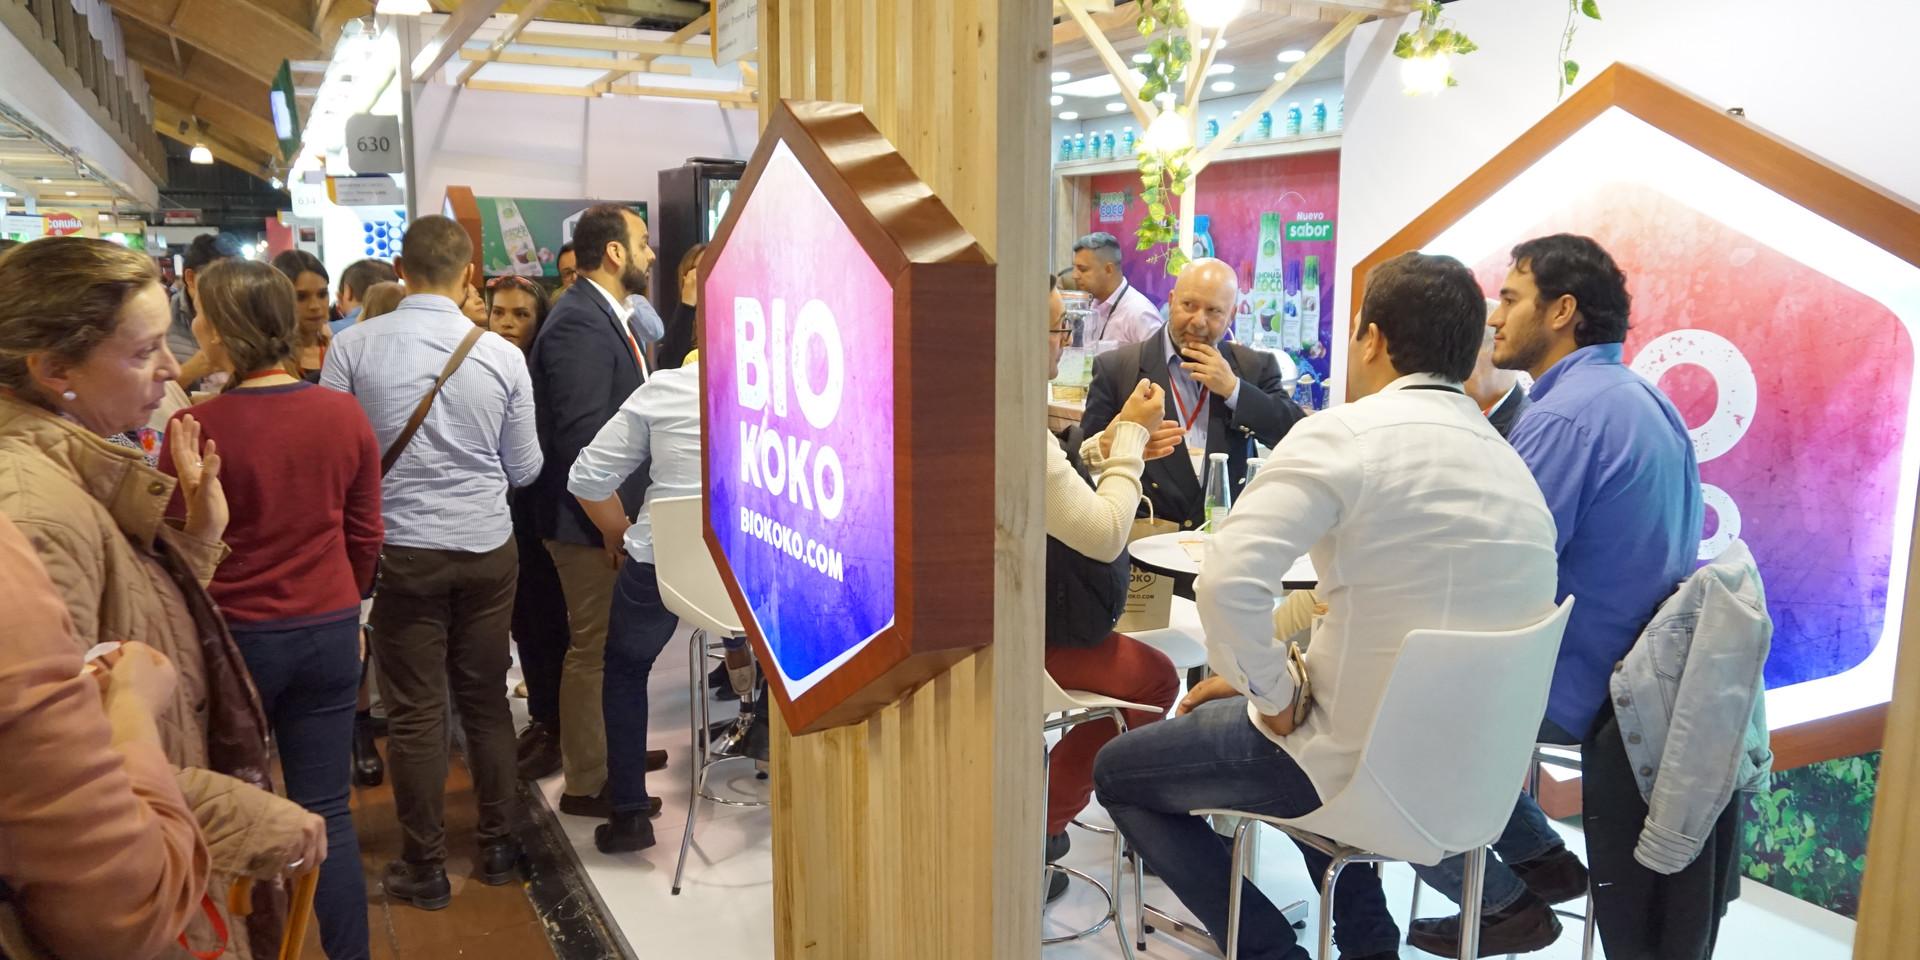 Stand de las marcas PuroCoco y BioKoko